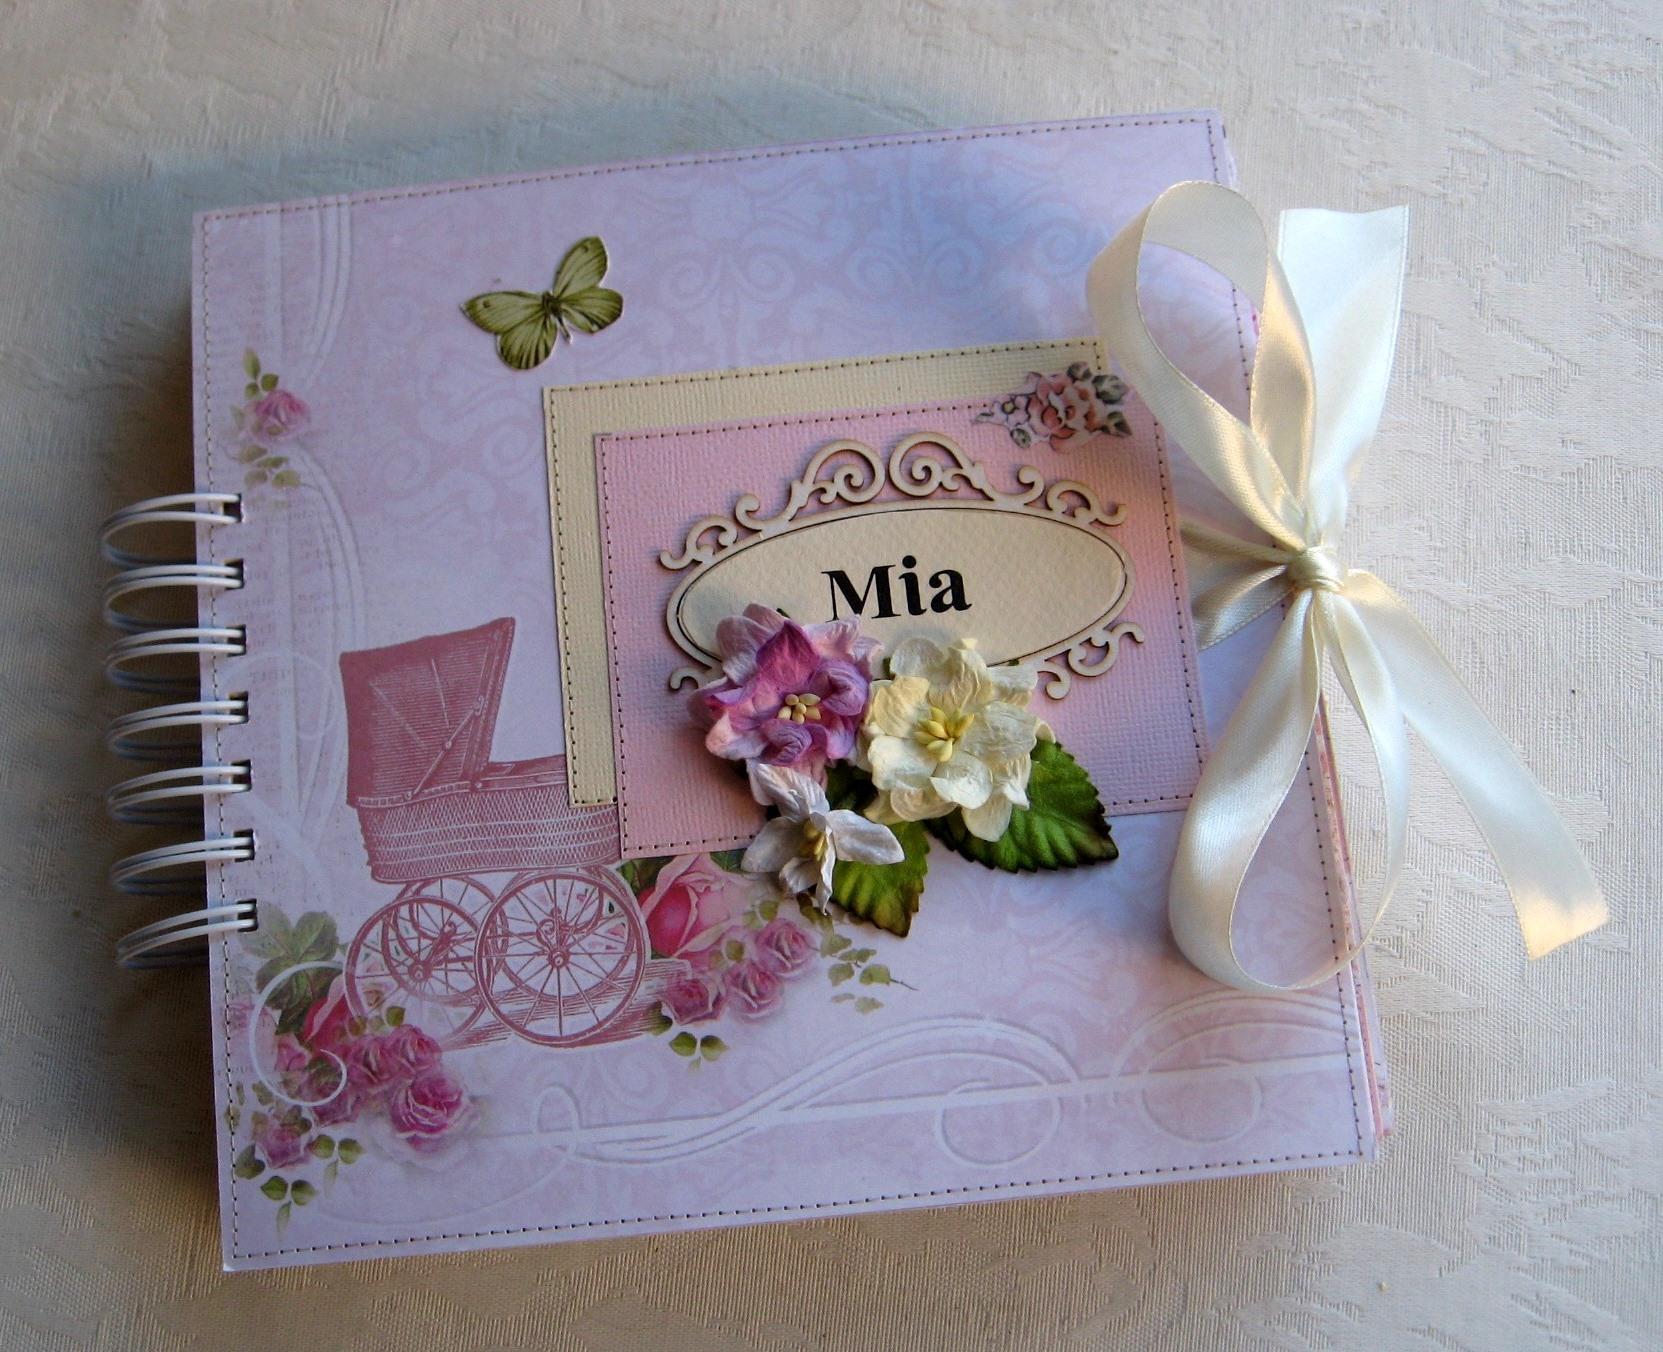 אלבום שנה ראשונה לתינוקת. דגם Mia